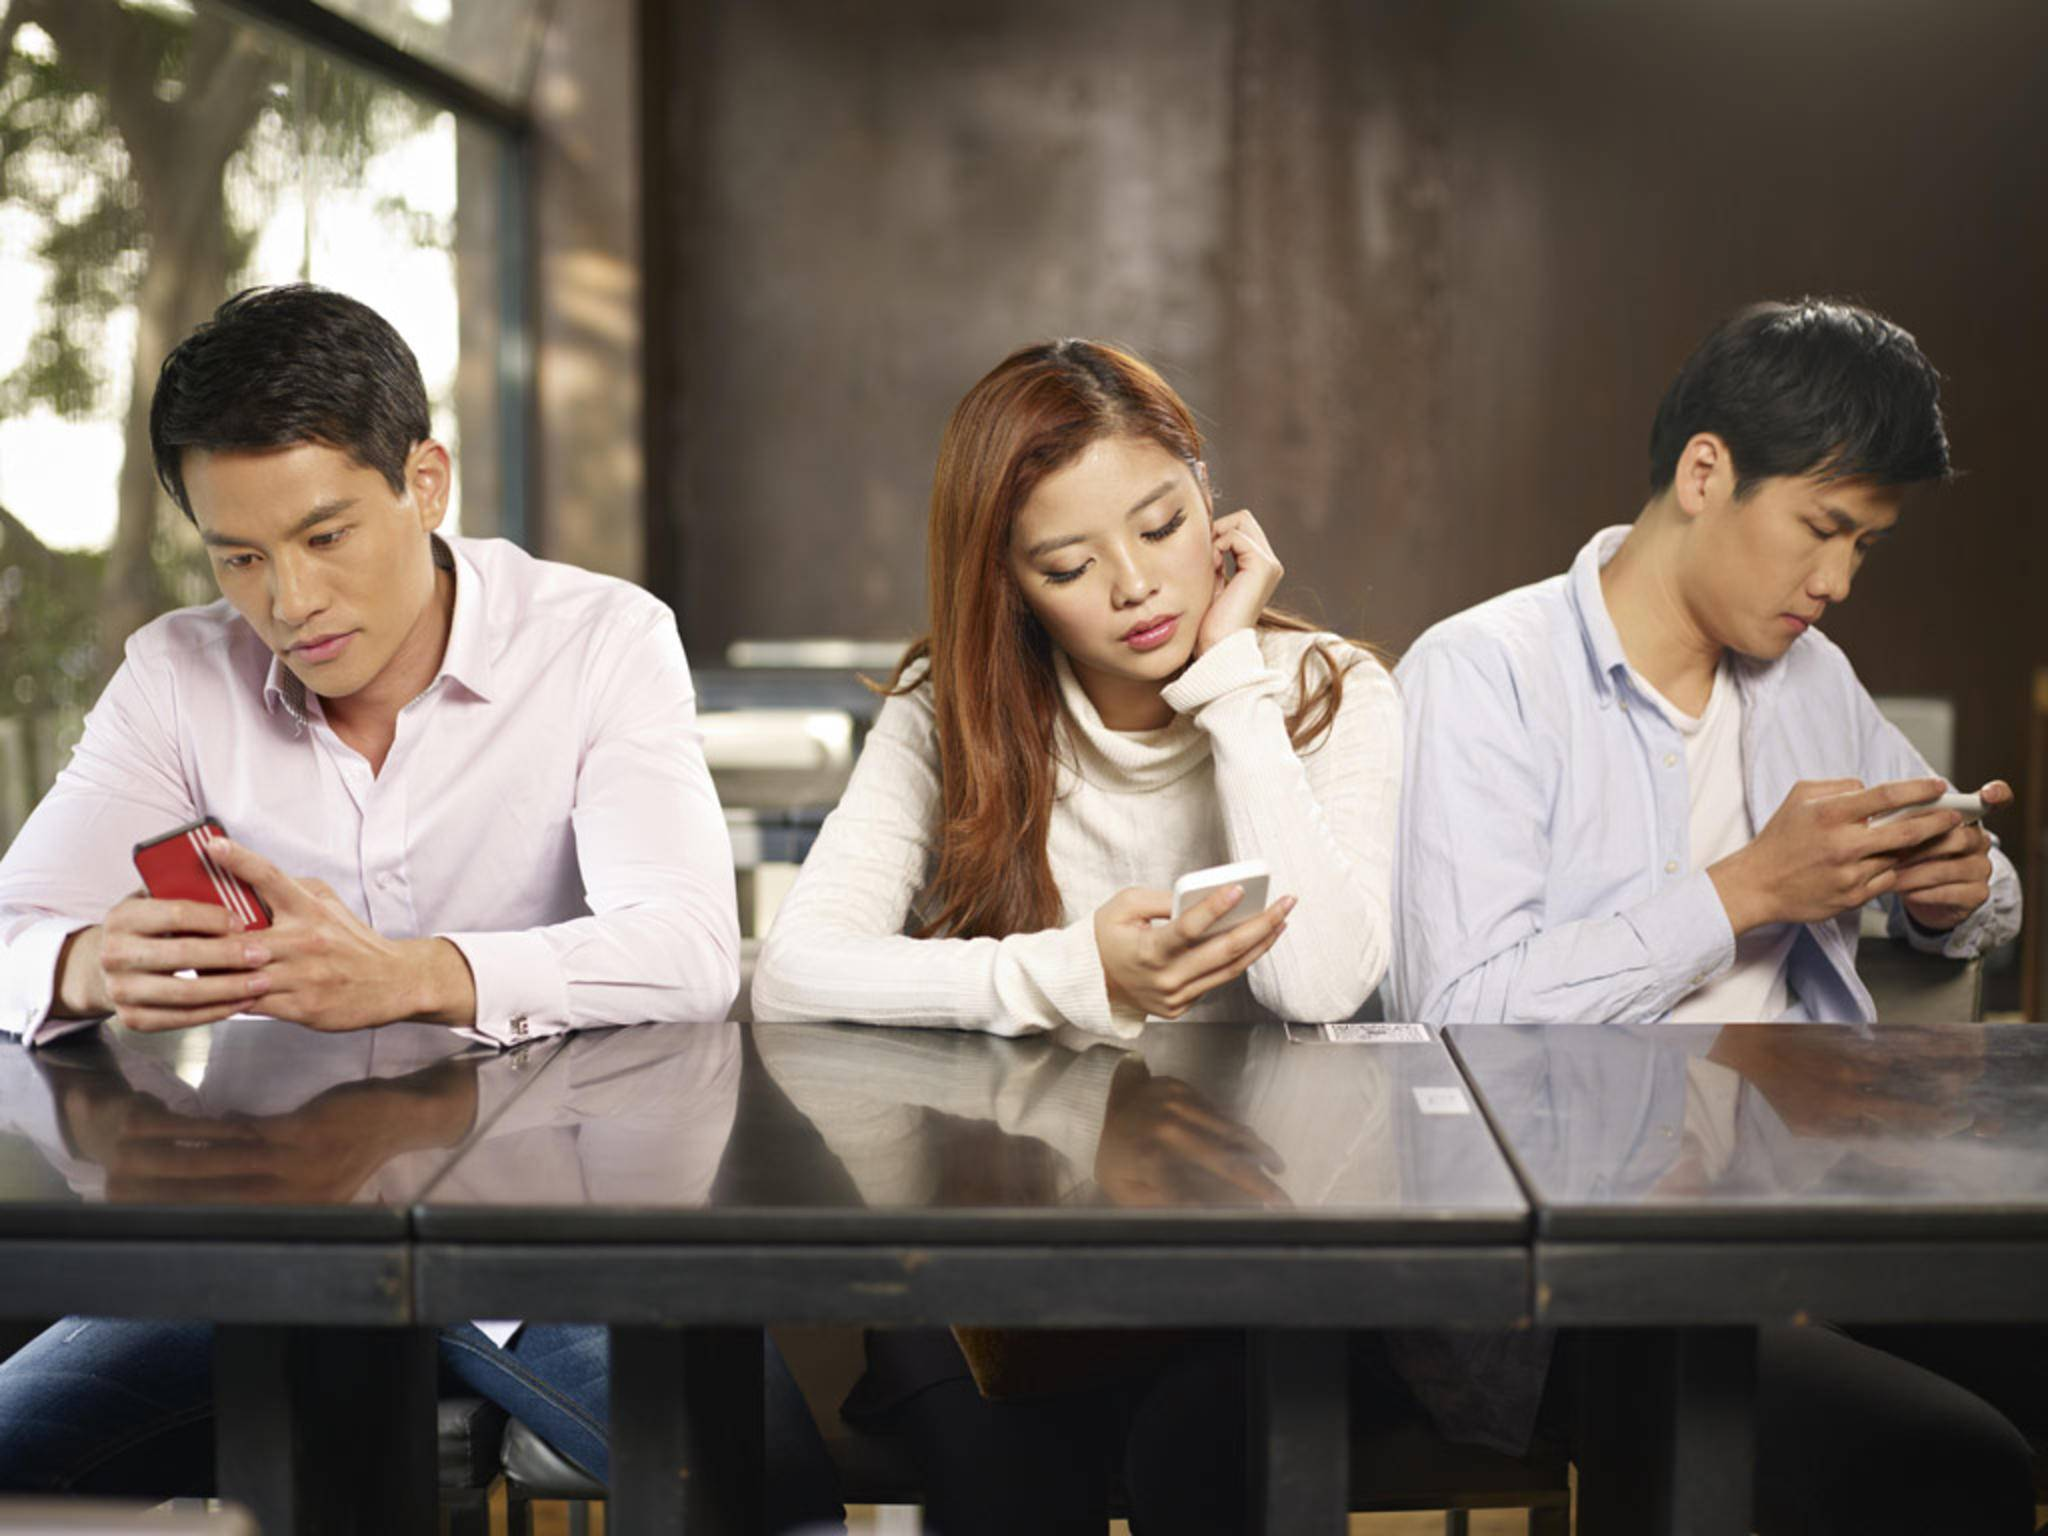 Wir verraten Dir Anzeichen, dass Du zu viel Zeit mit deinem Smartphone verbringst.